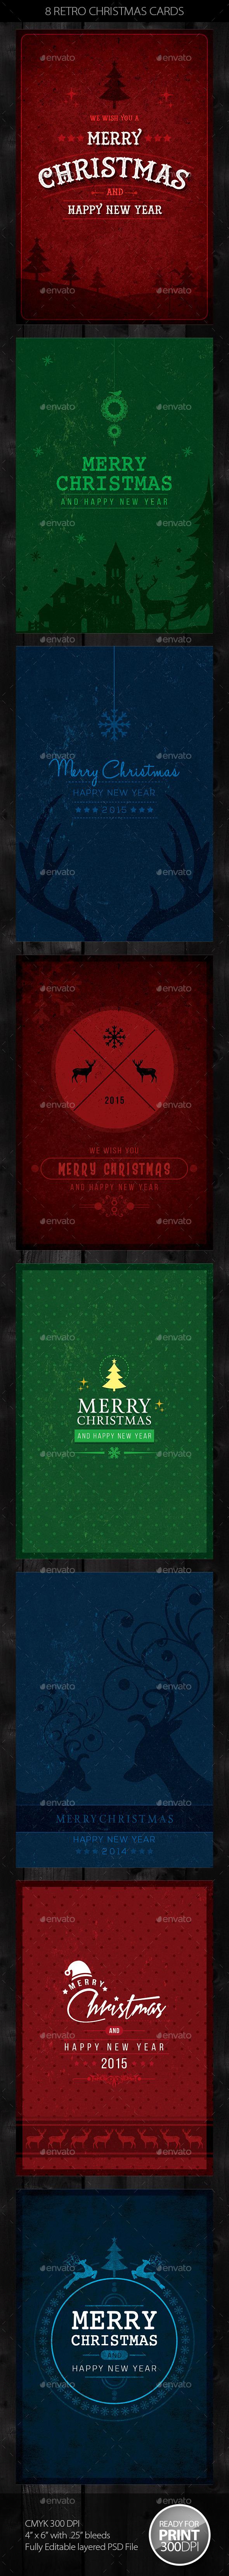 8 Retro Christmas Cards / Invite